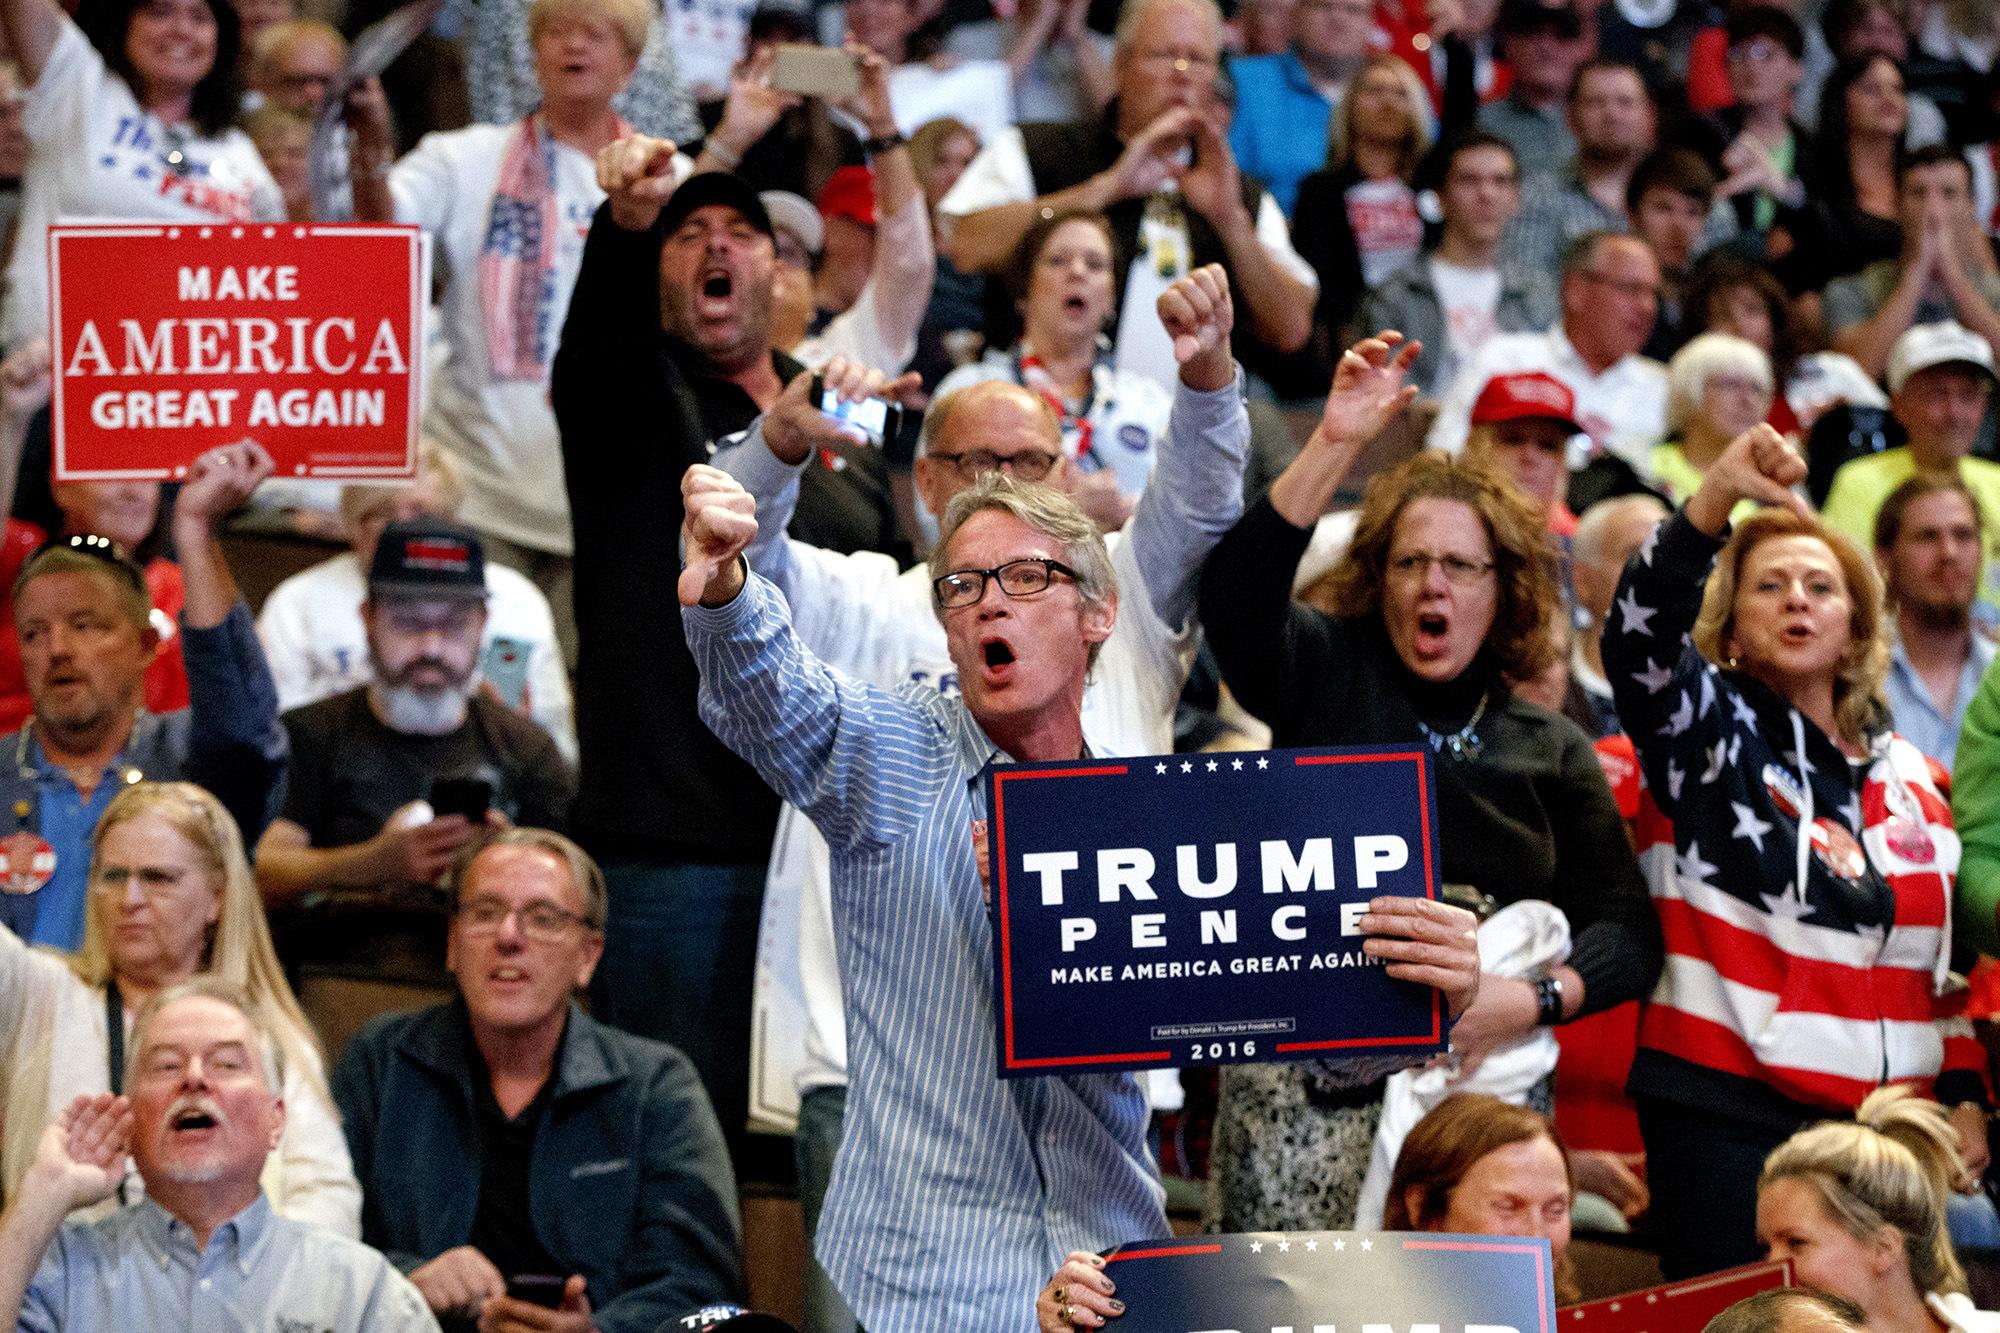 Photo by Evan Vucci/AP